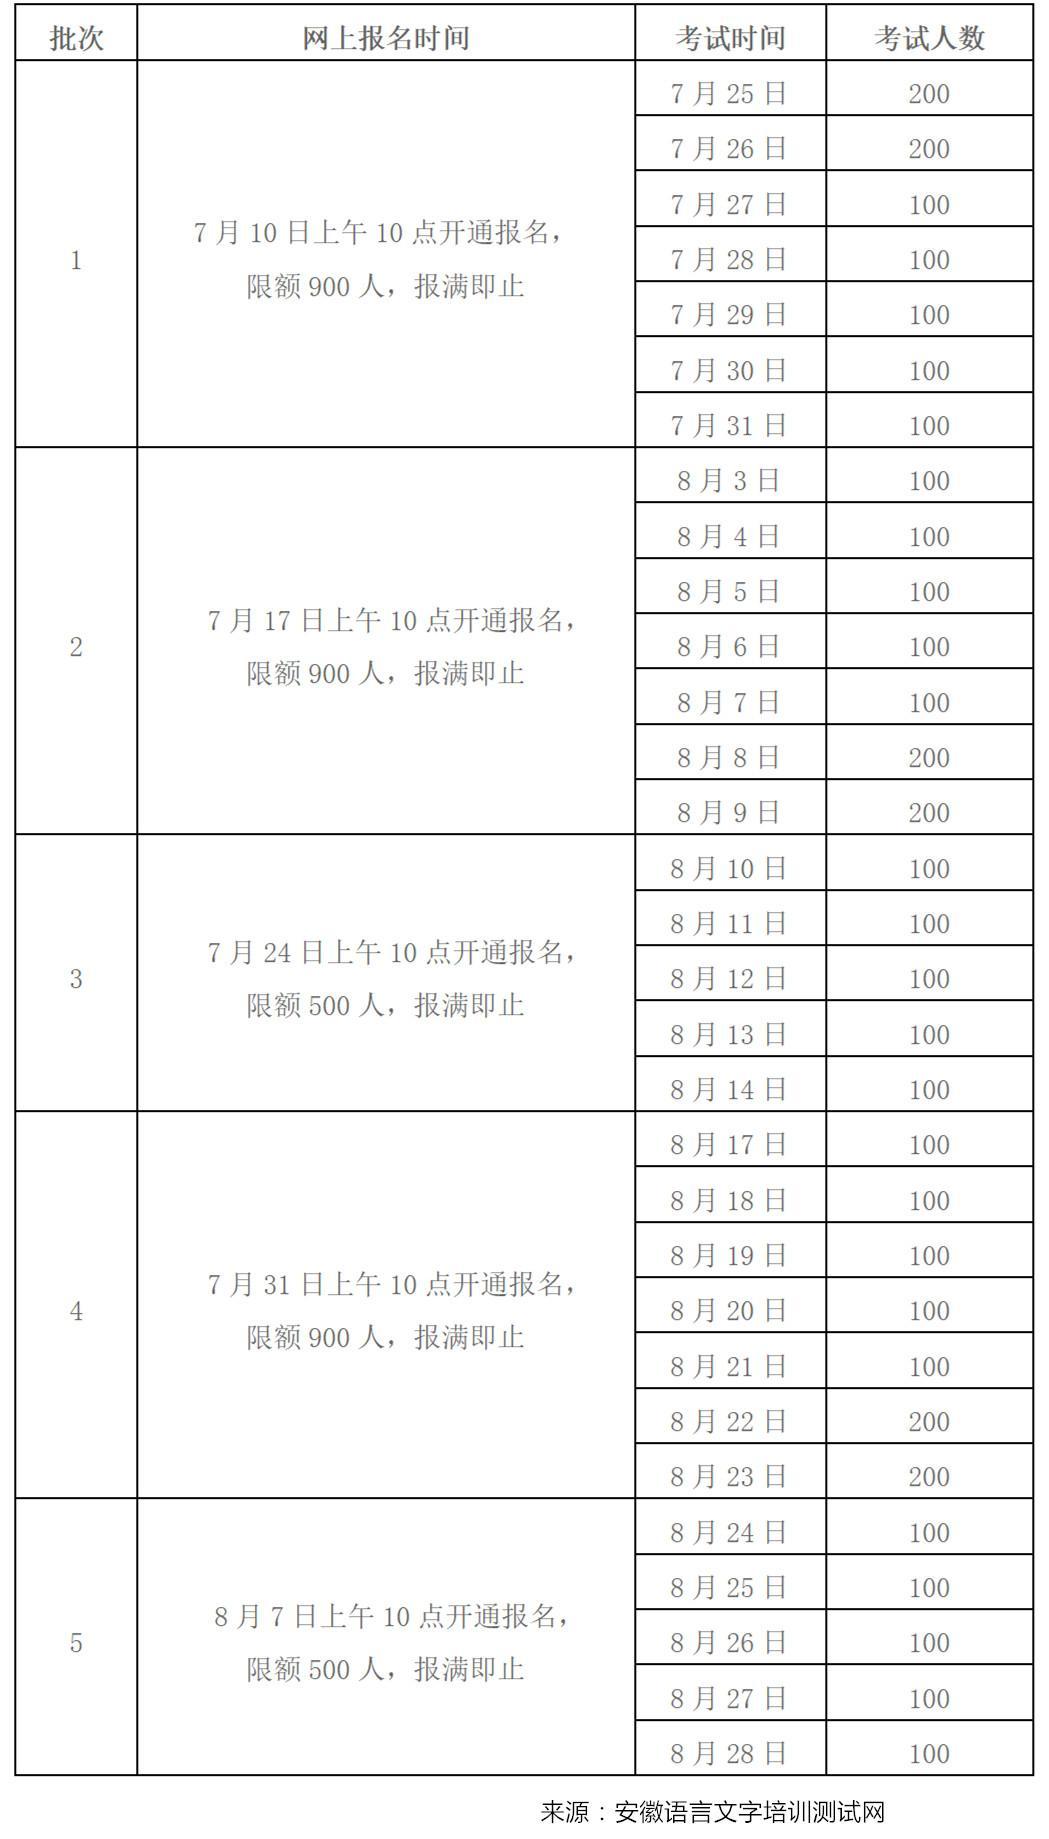 安徽合肥市2020年7月-8月普通话报名测试安排